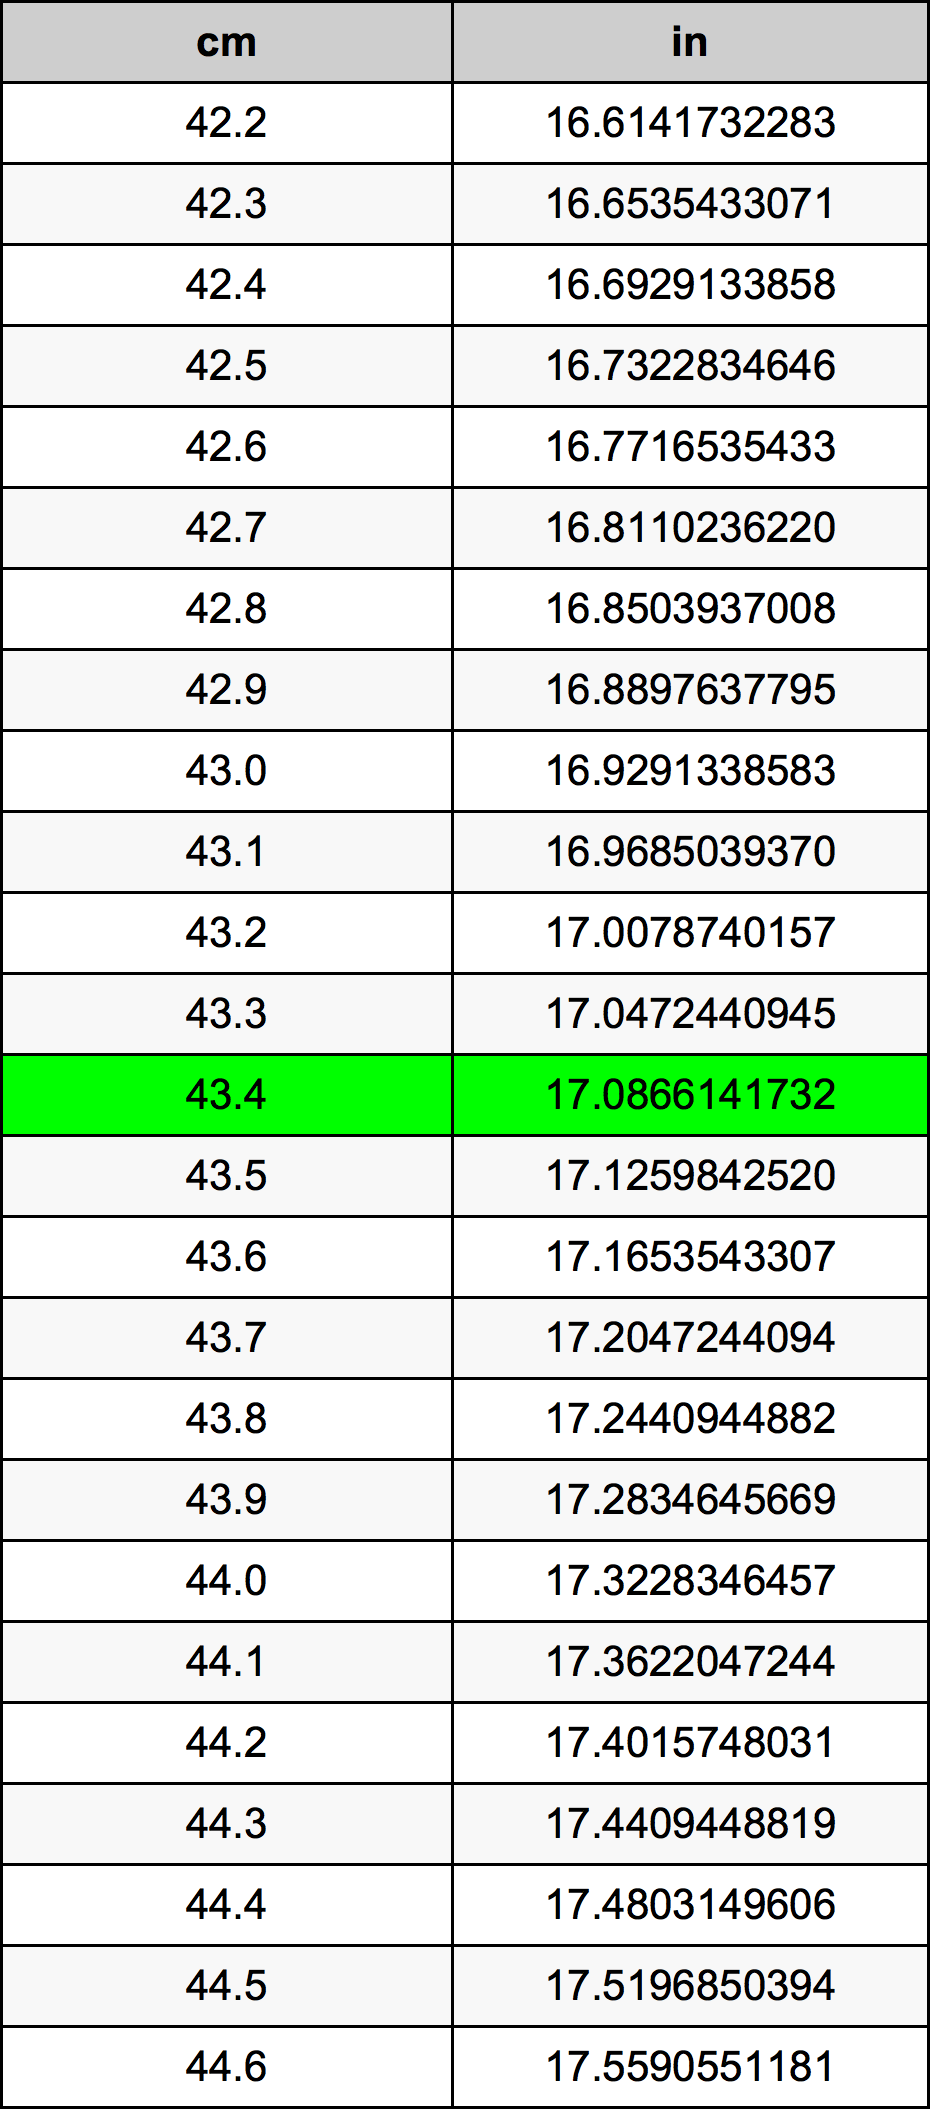 43.4 सेंटीमीटर रूपांतरण सारणी